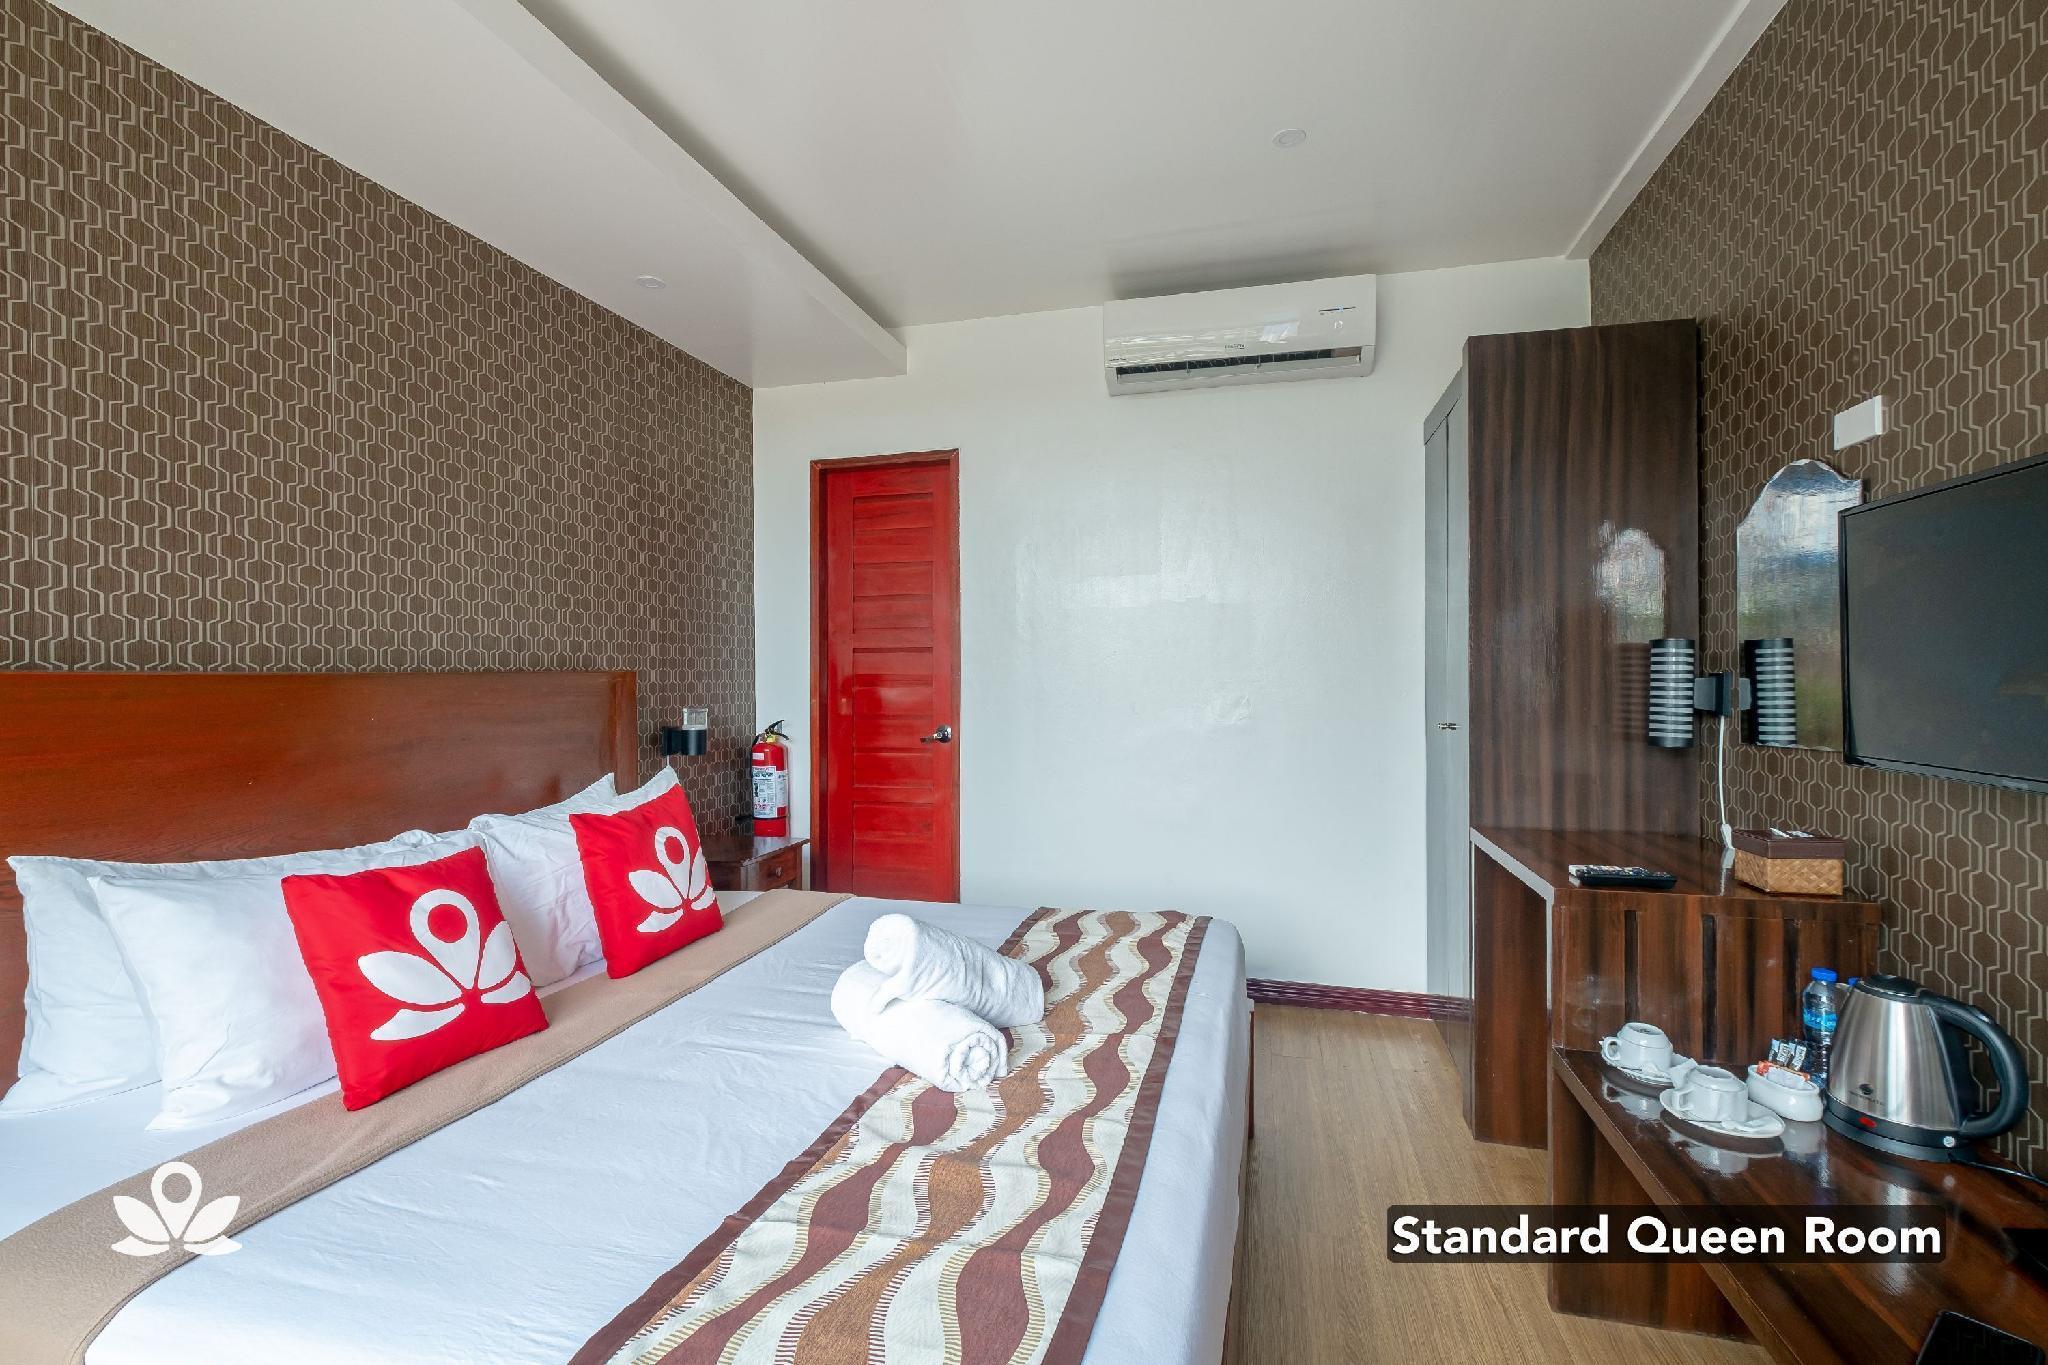 ZEN Rooms Ban Aw Candon